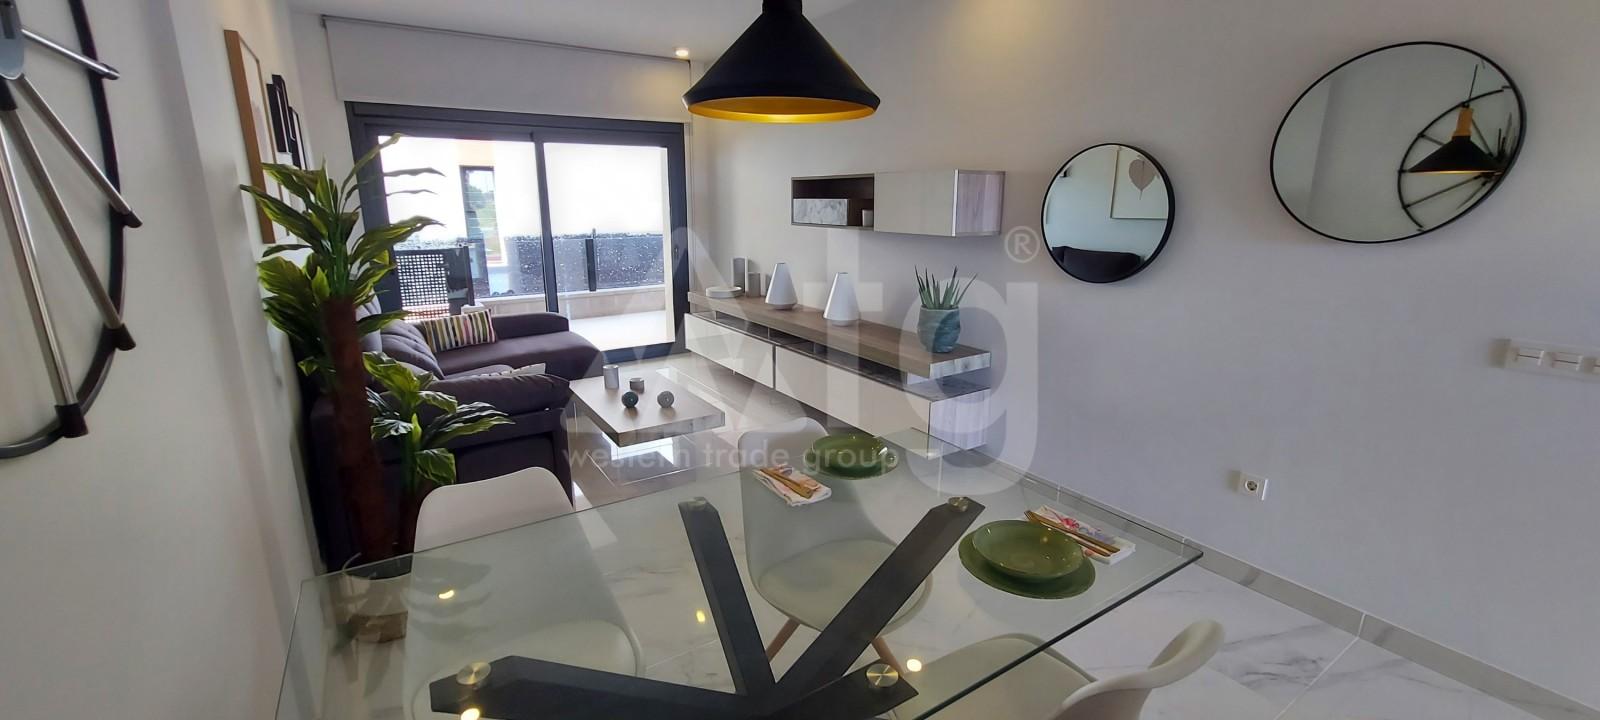 Apartament w Guardamar del Segura, 2 sypialnie  - DI6350 - 11